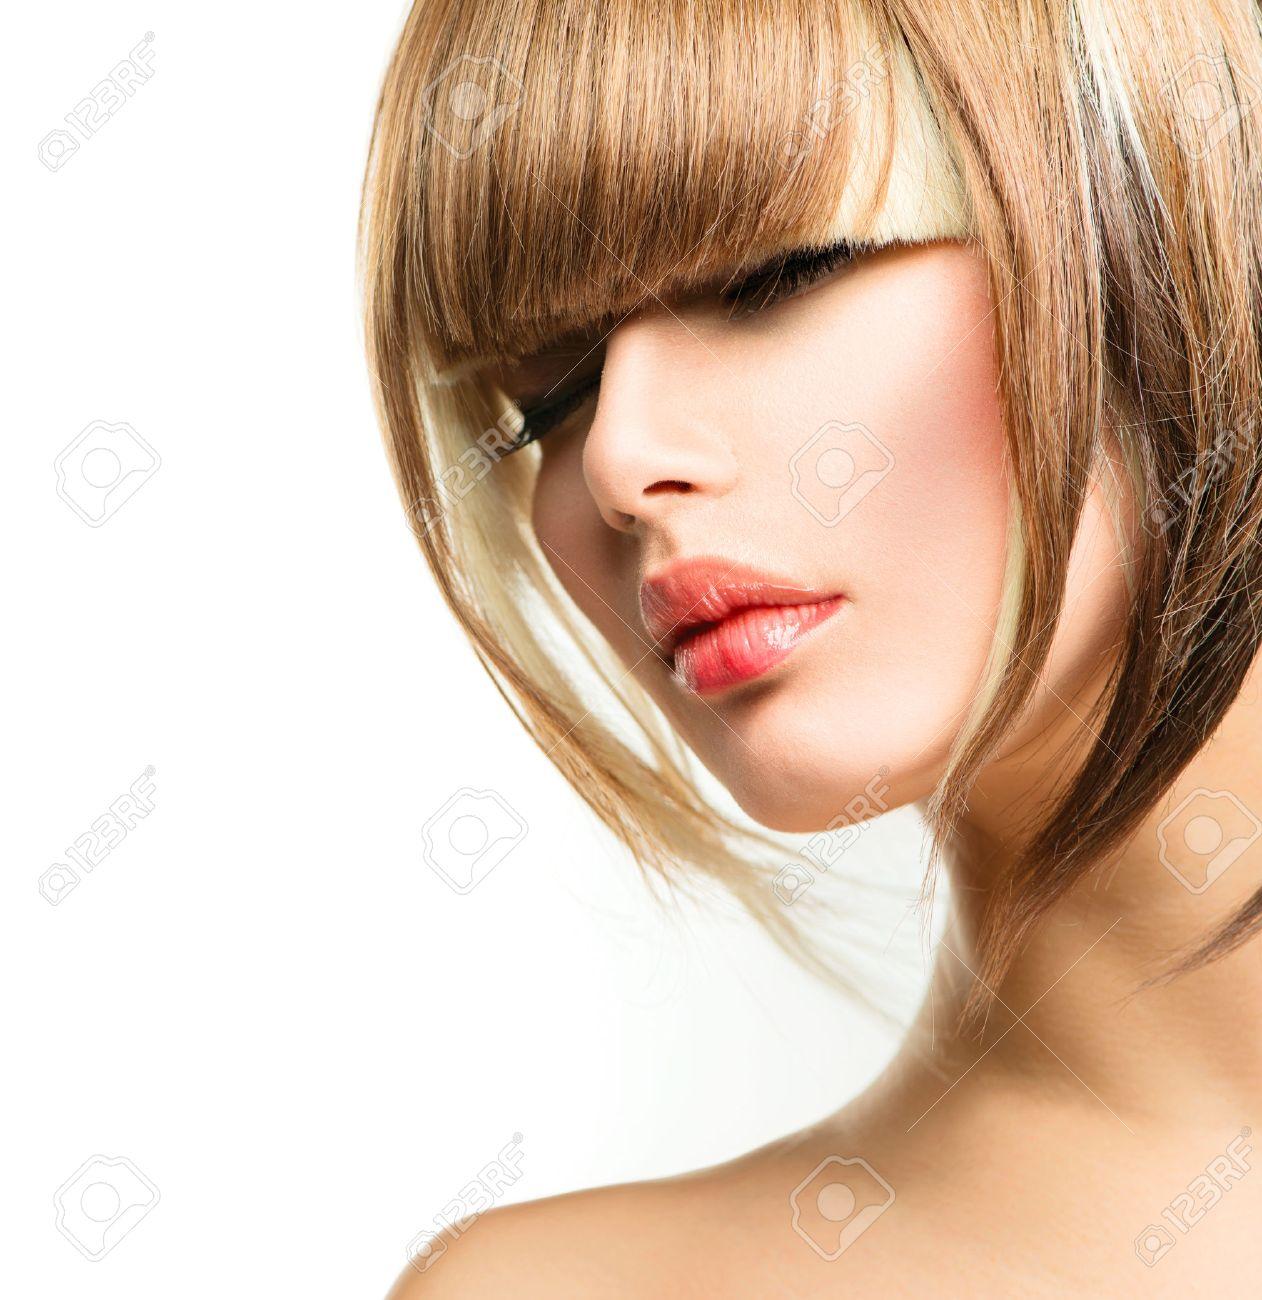 Schone frisuren fur frauen